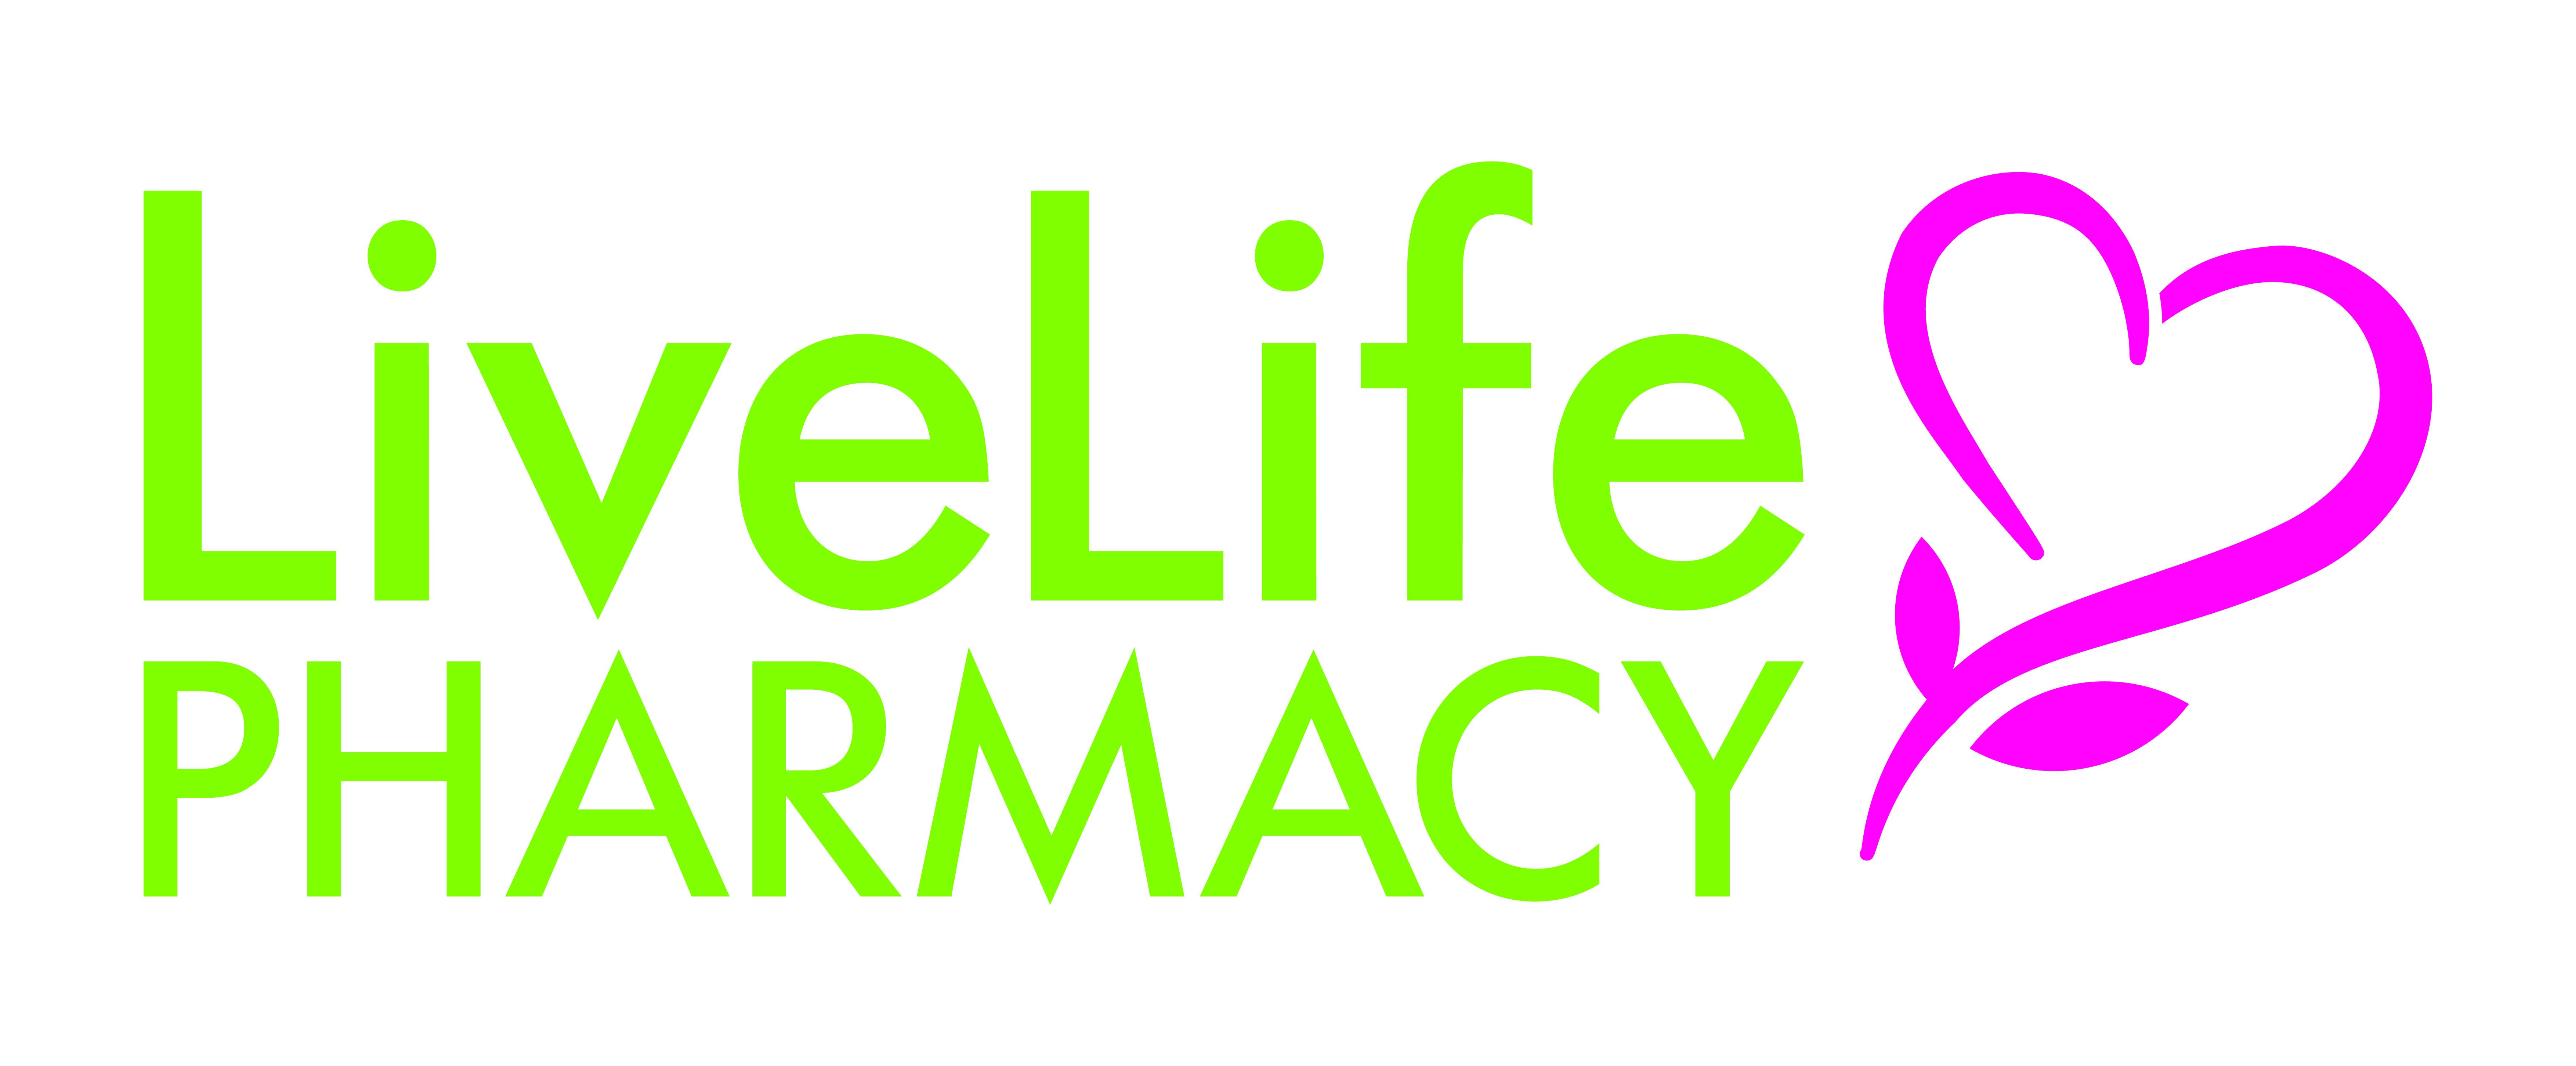 Livelife Pharmacy Mossman - Mossman, QLD 4873 - (07) 4098 1242 | ShowMeLocal.com